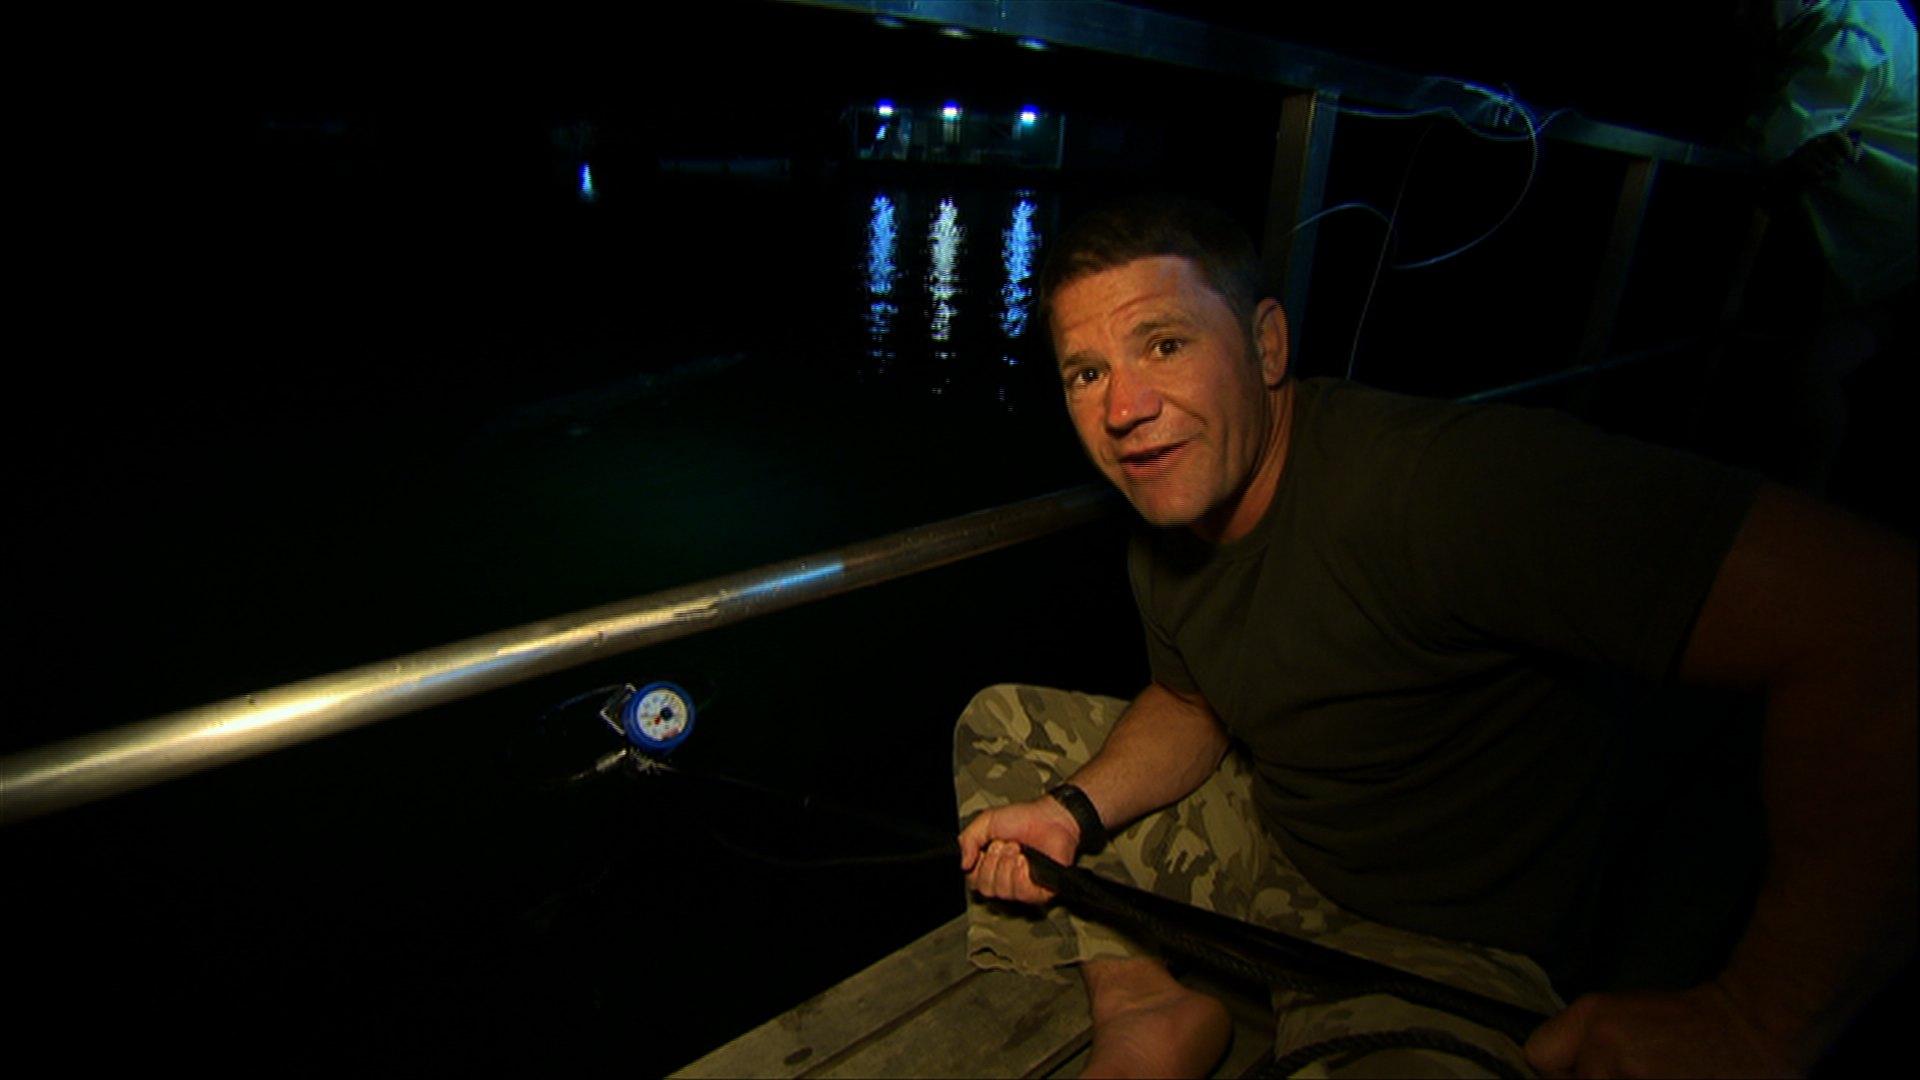 Steve measures bite force on a boat